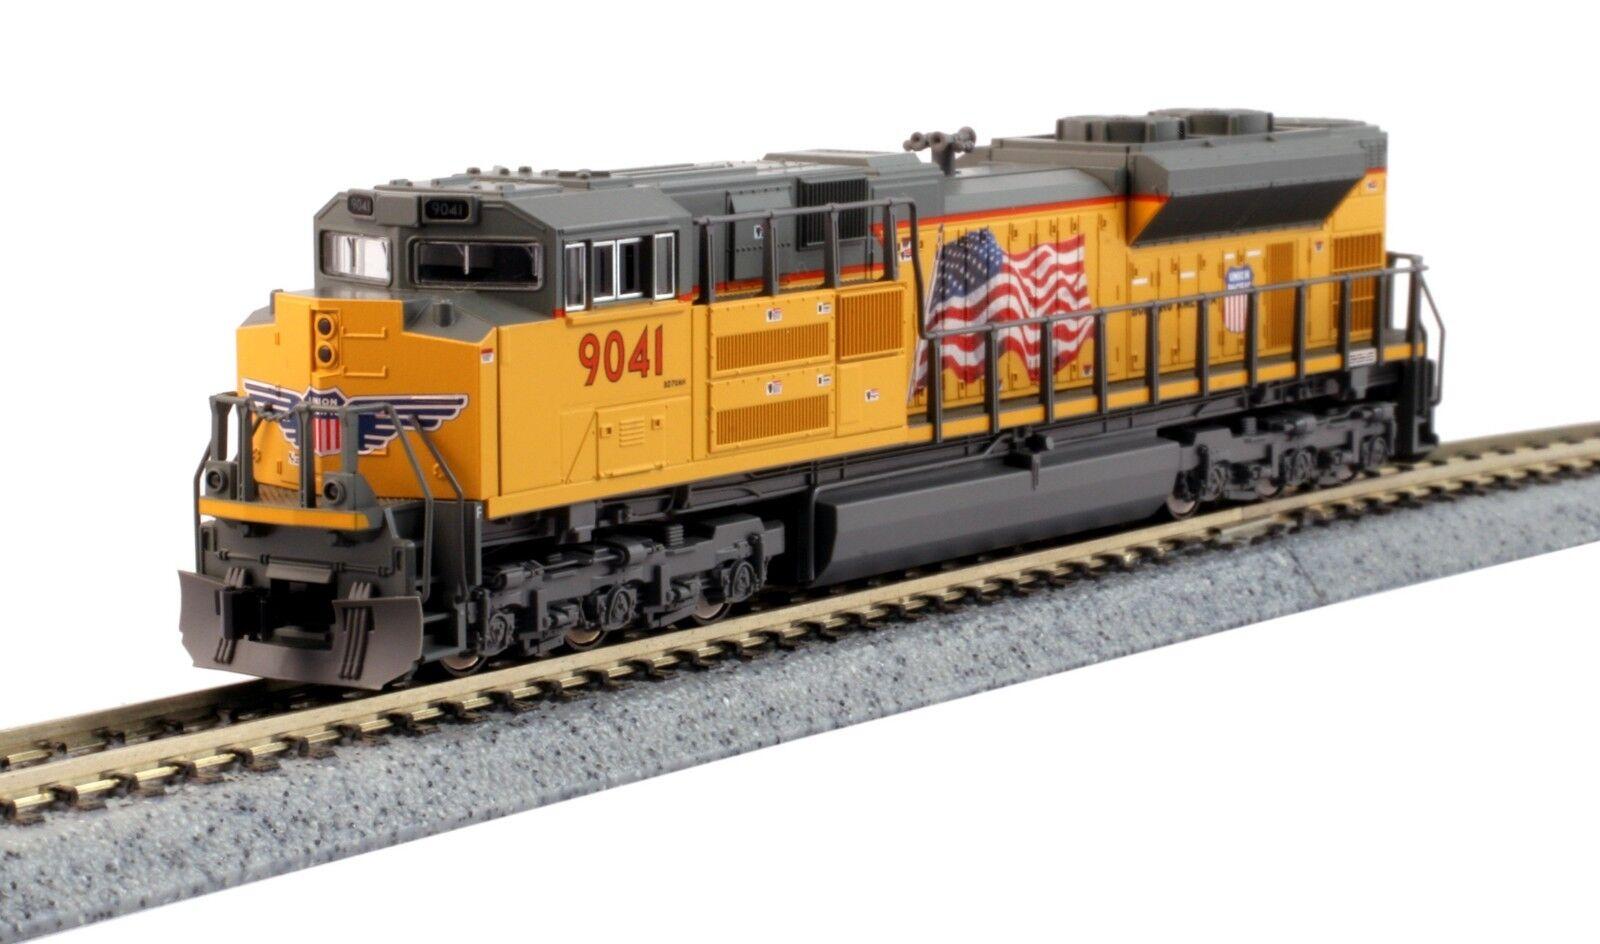 muchas concesiones Escala N-Kato 176-8520 Locomotora de Union Pacific SD70ACe  9041 9041 9041 Dcc Listo  hasta un 50% de descuento